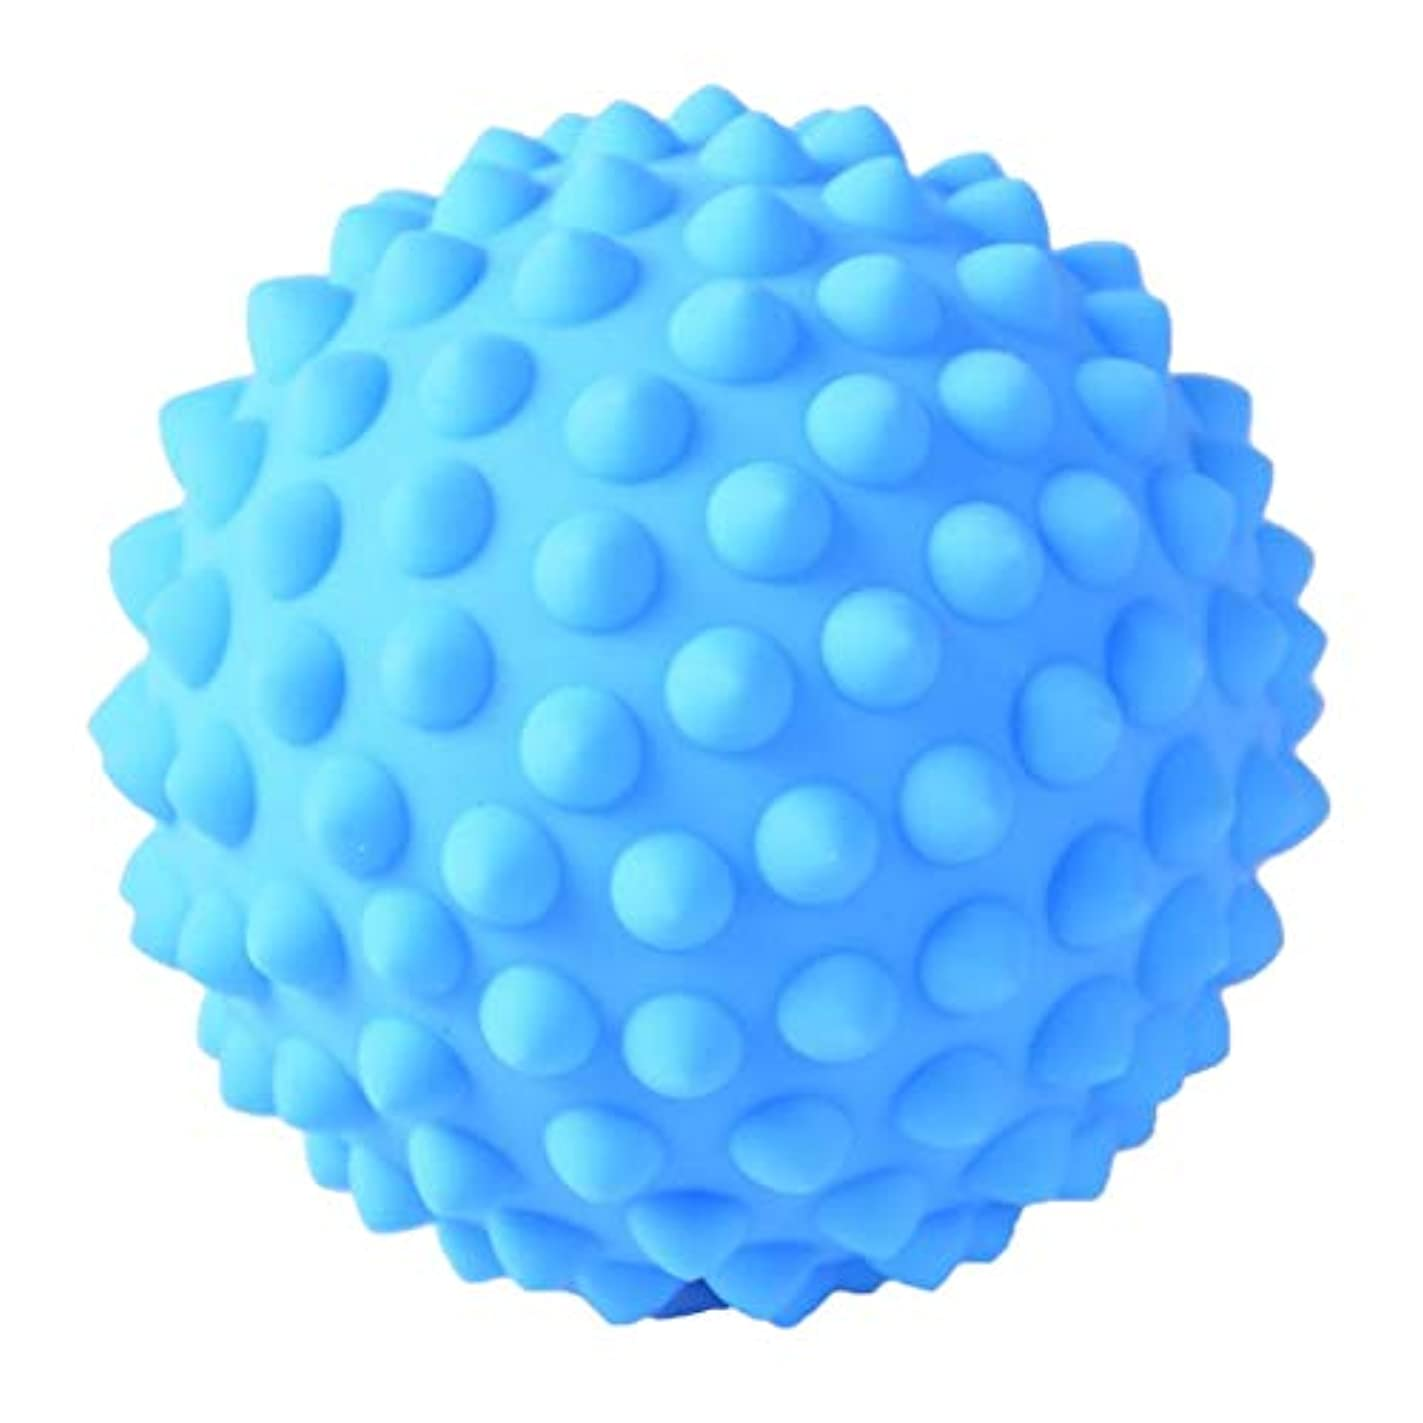 住居プレーヤー故意にマッサージボール PVC製 約9 cm 3色選べ - 青, 説明のとおり